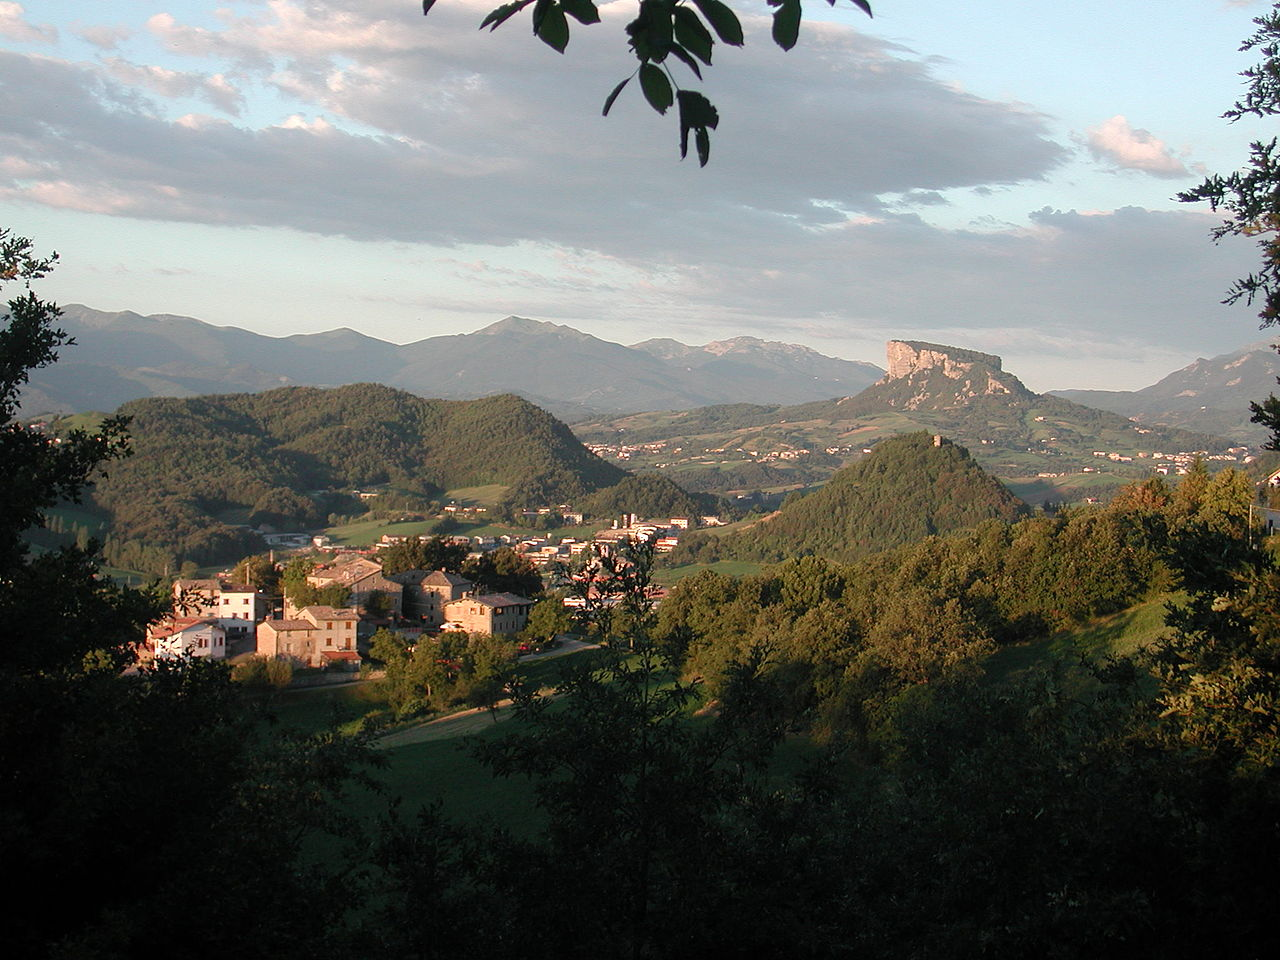 Familienurlaub in Italien (Quelle: Wikicommons, Paolo Da Reggio)